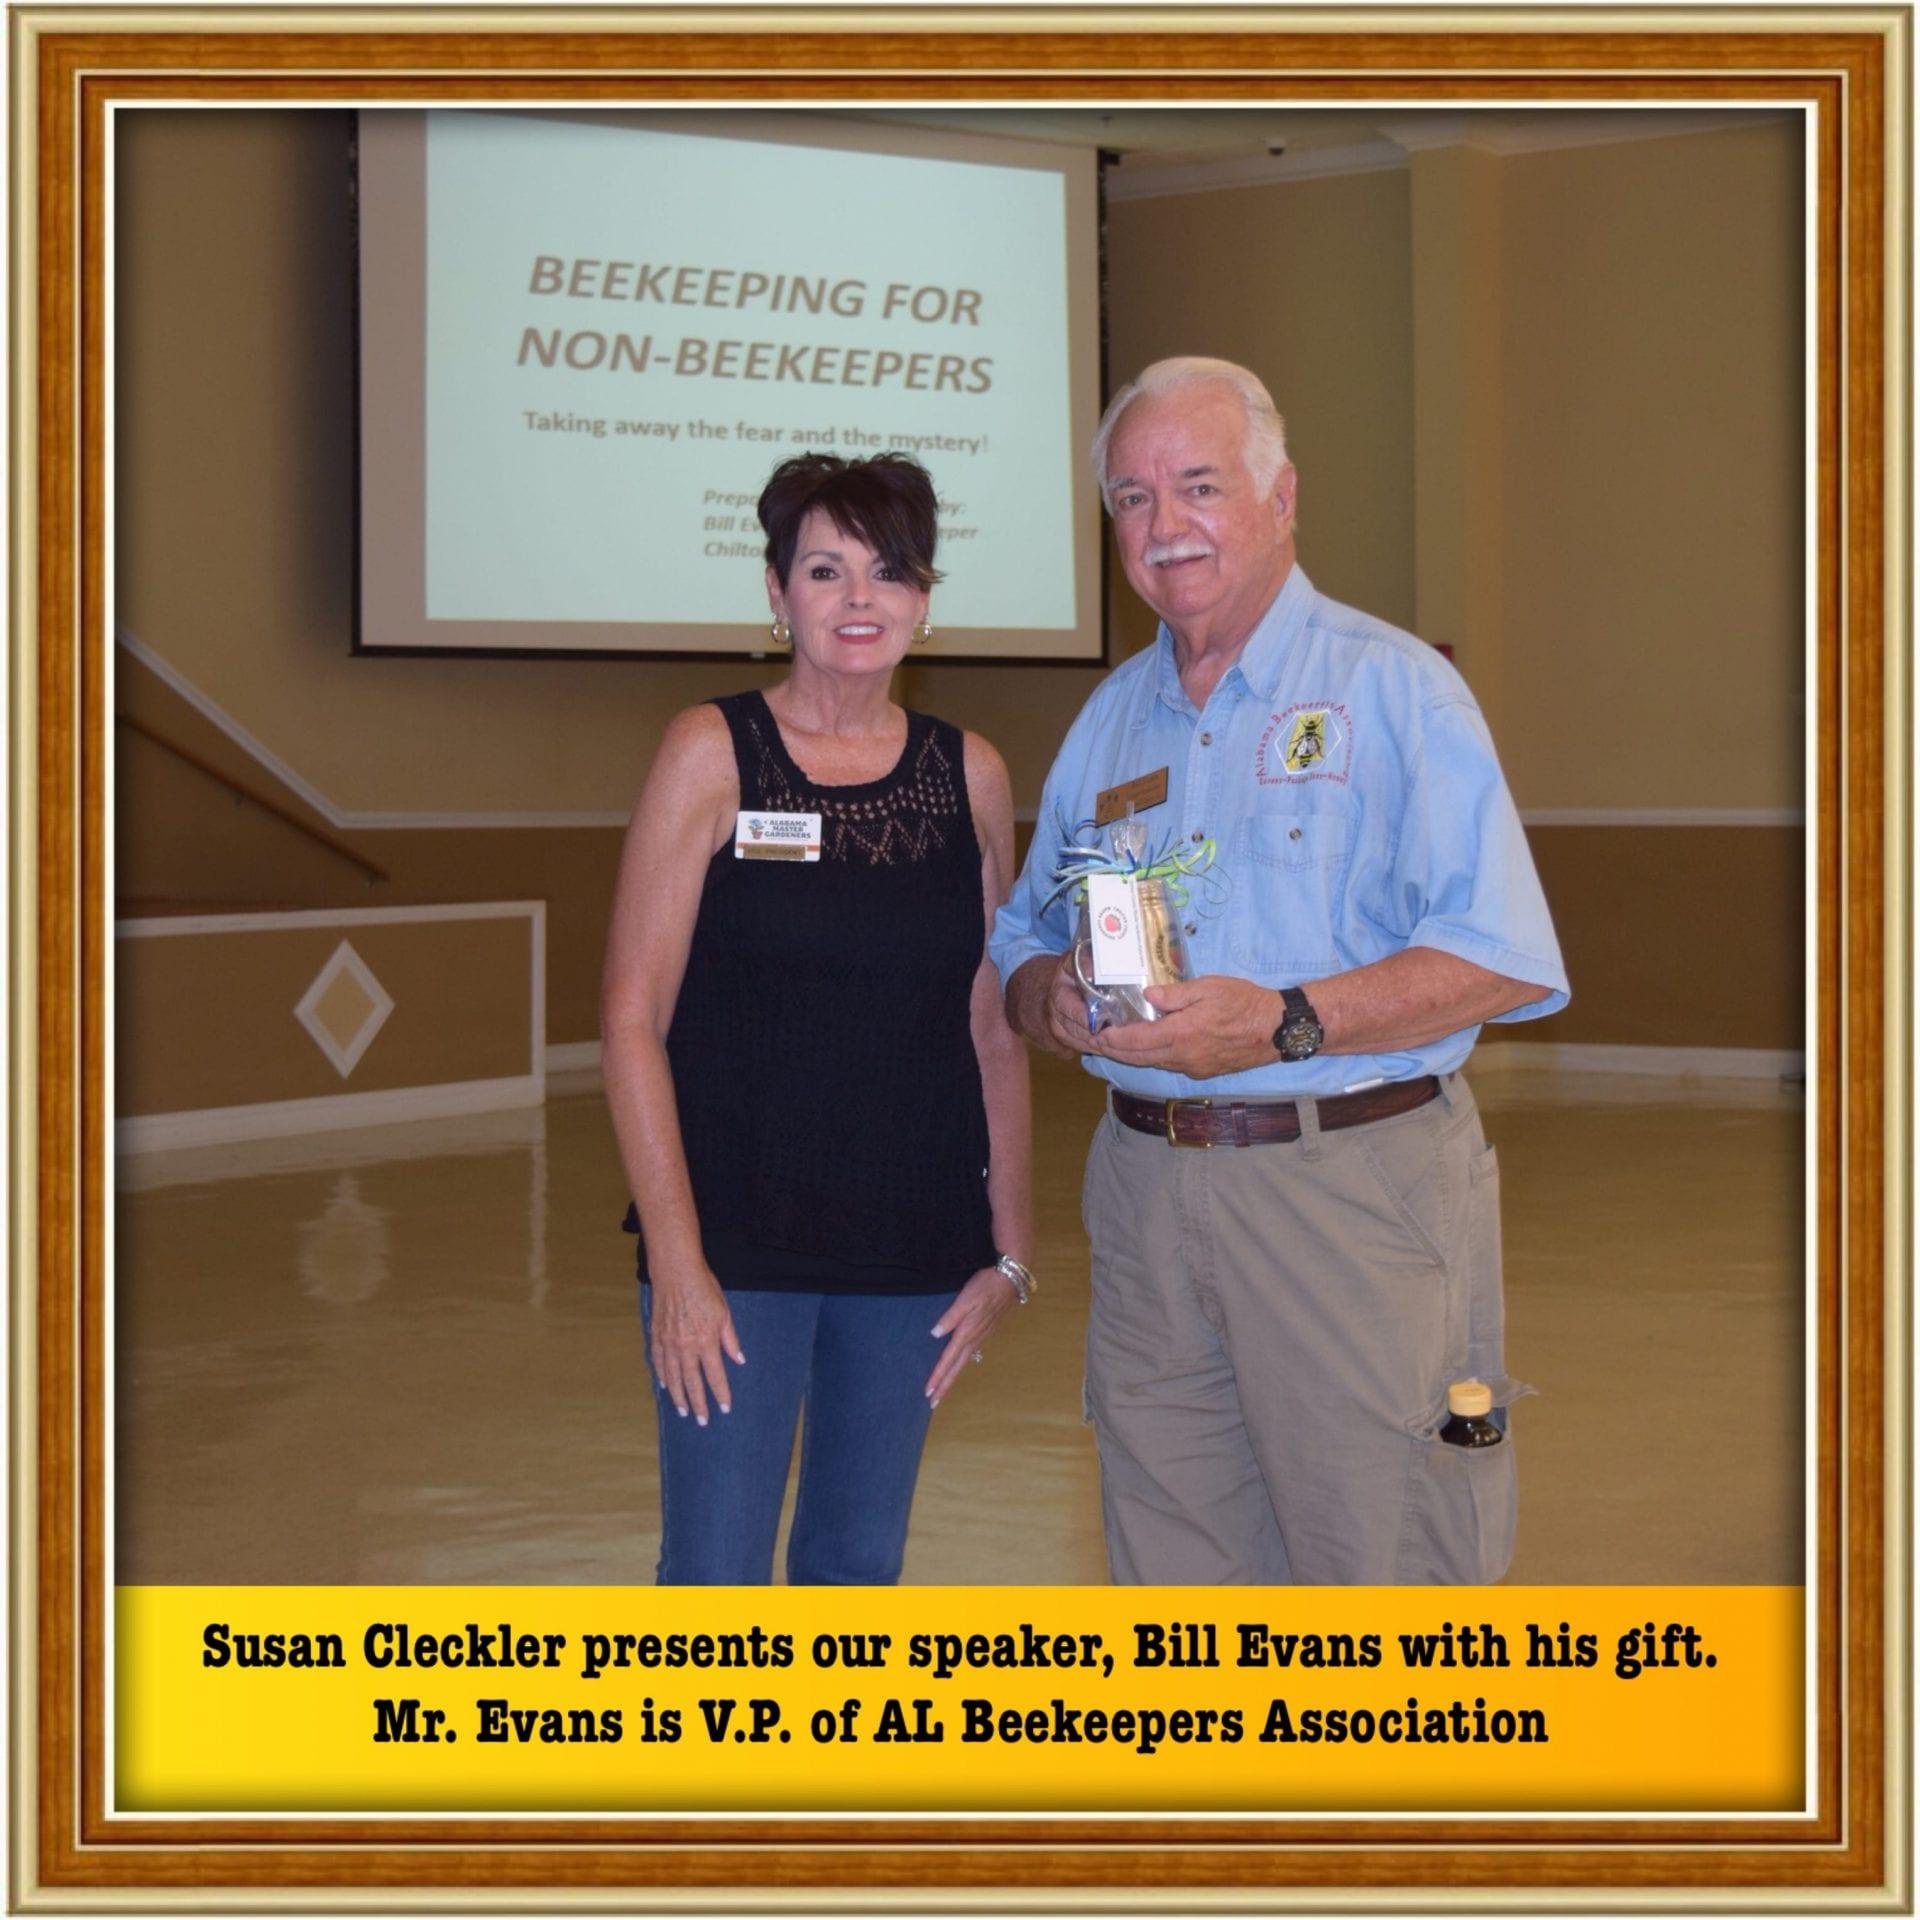 MG V.P. Gives gift to speaker